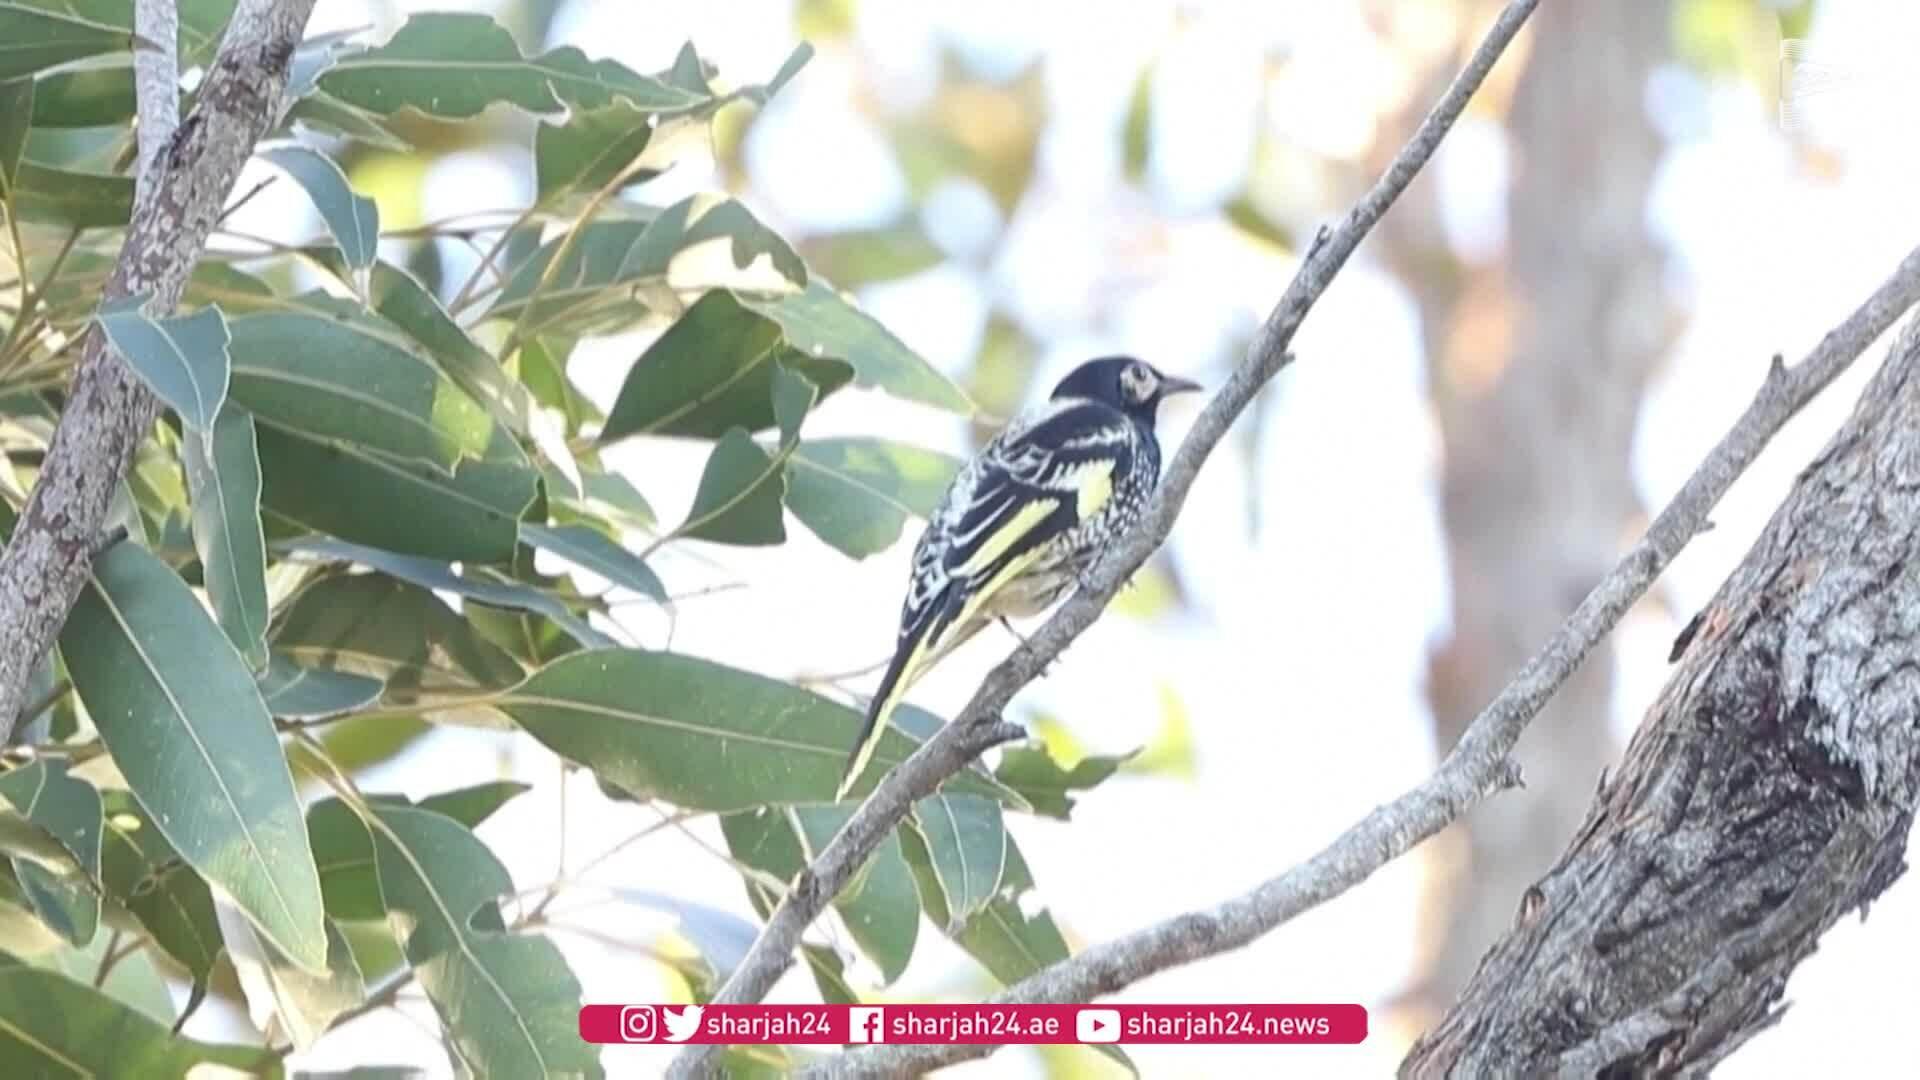 Chim quý hiếm mất dần tiếng hót